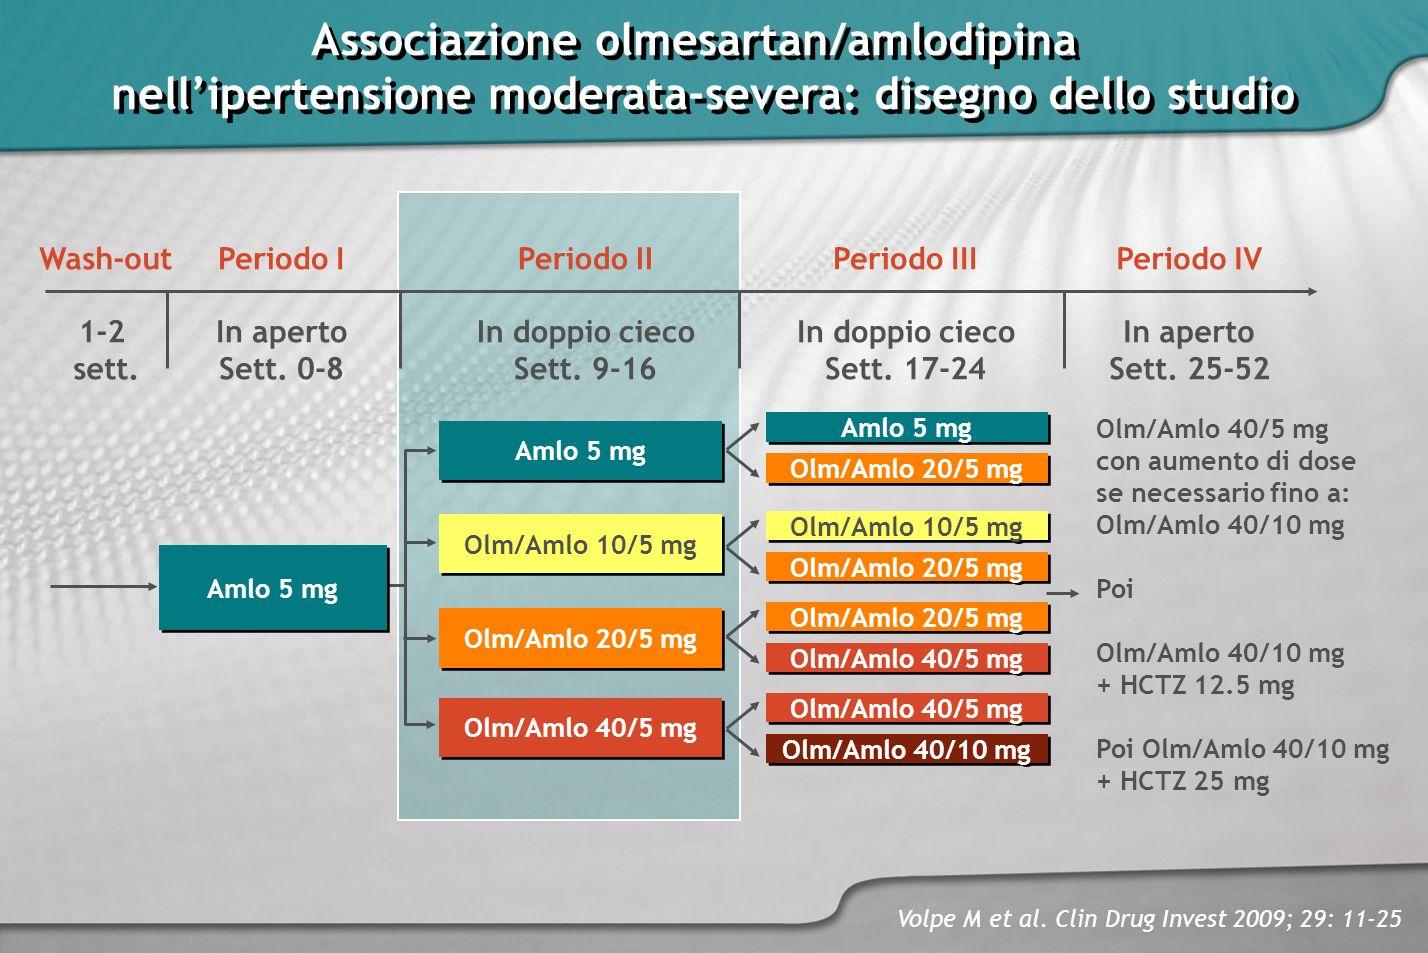 Associazione olmesartan/amlodipina nellipertensione moderata-severa: disegno dello studio Associazione olmesartan/amlodipina nellipertensione moderata